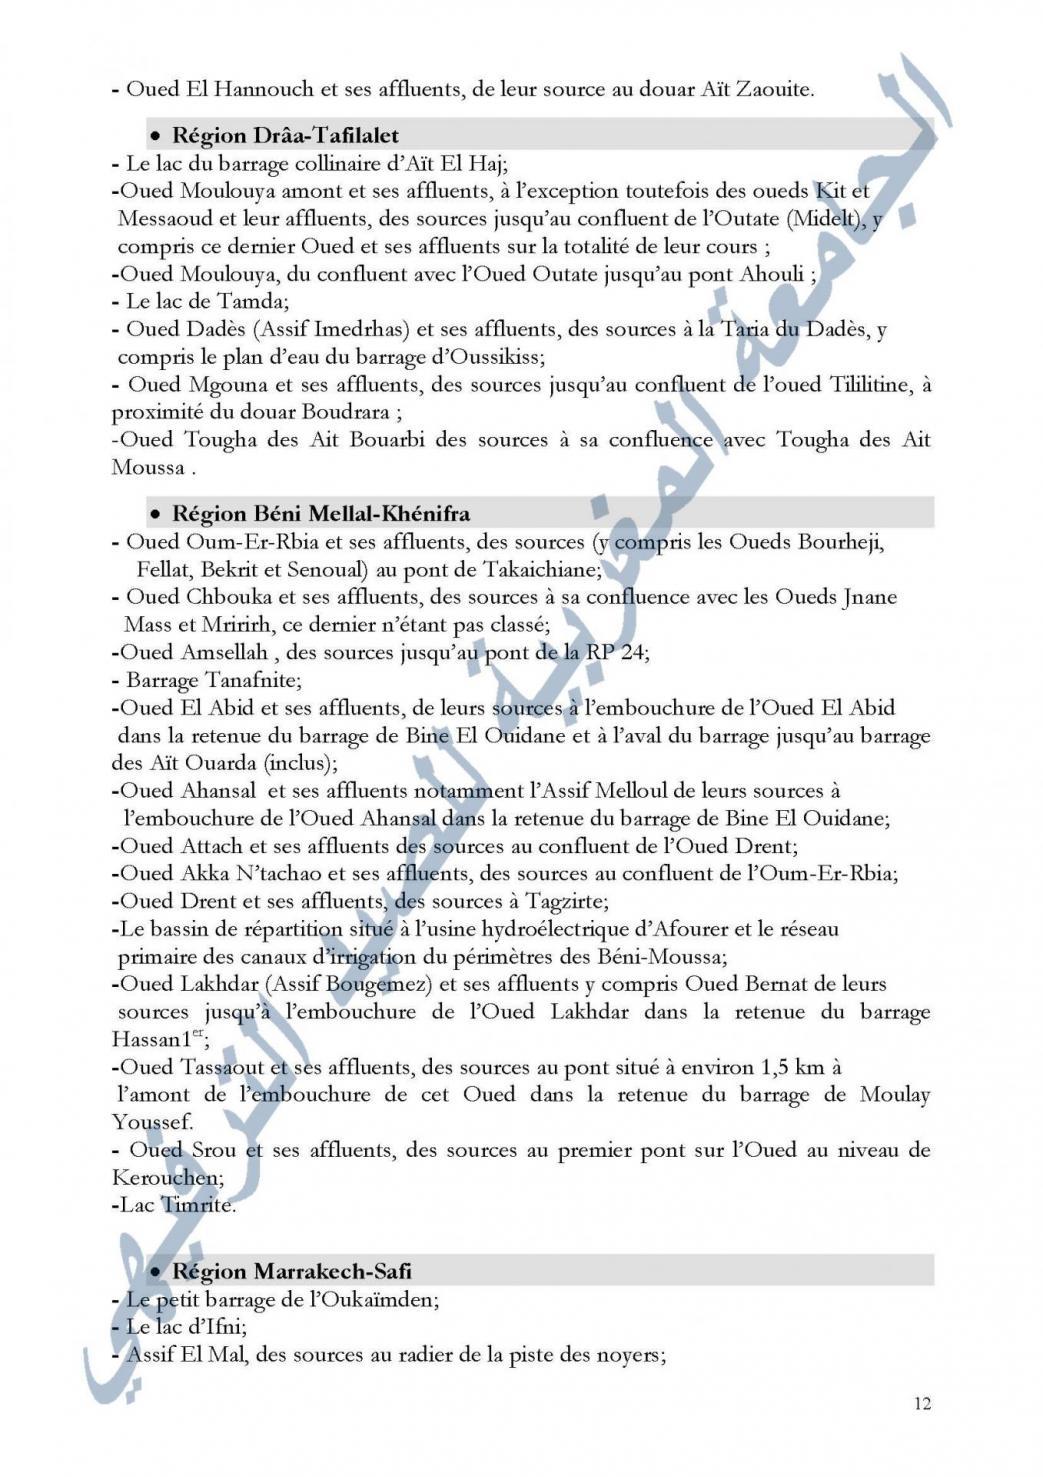 Arrete 17 18 page 12